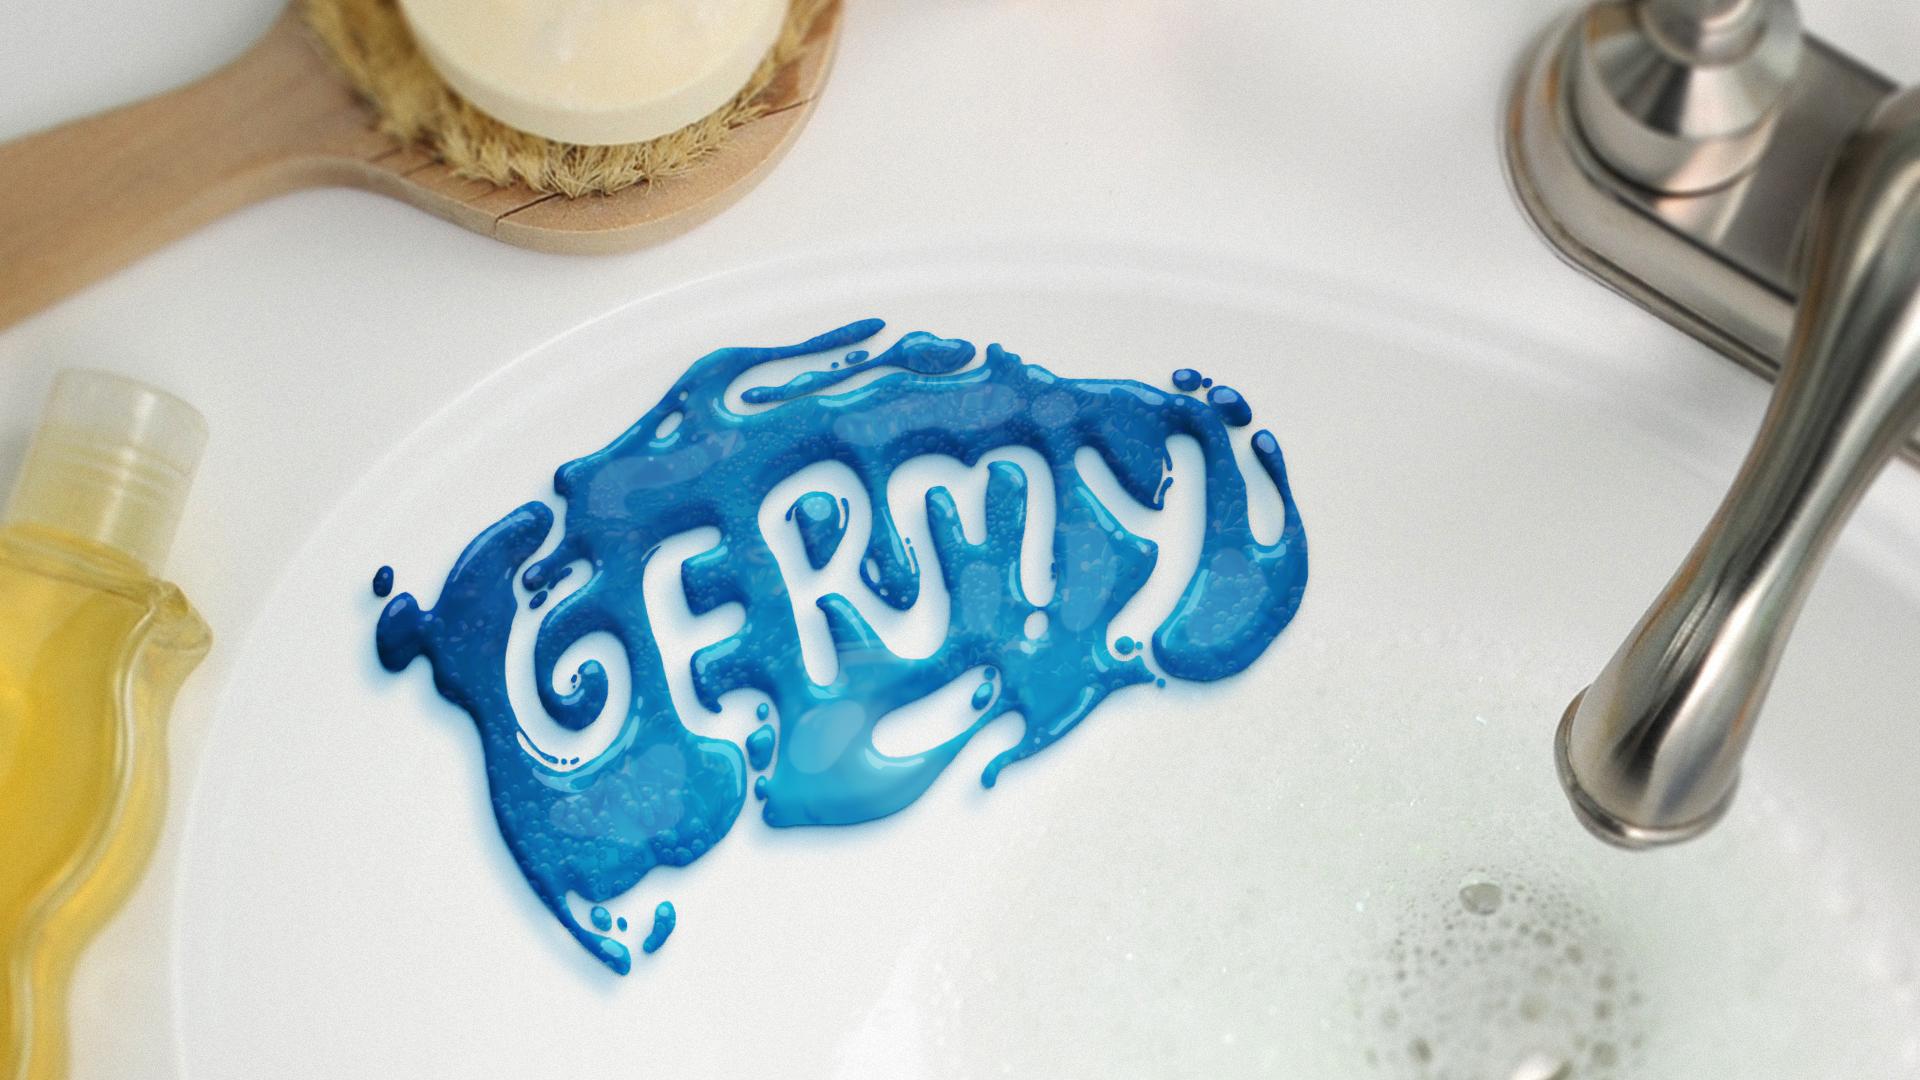 Clorox_germy_01.jpg